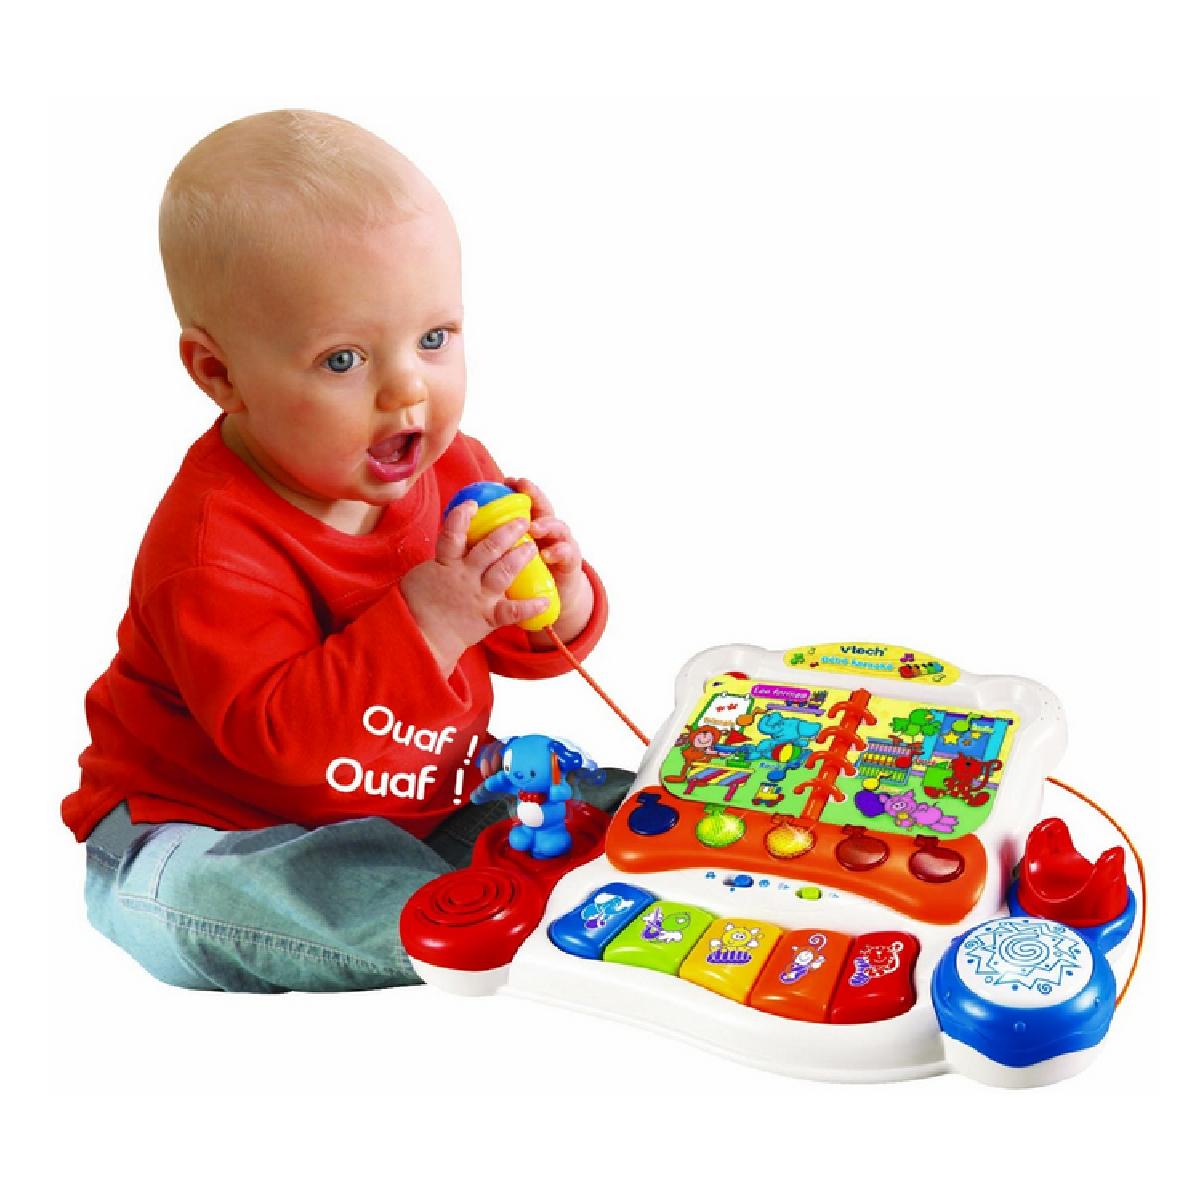 Quels Jouets D'activités Préférer Pour Le Bébé De 12 Mois concernant Jeux Pour Les Bébé De 1 Ans